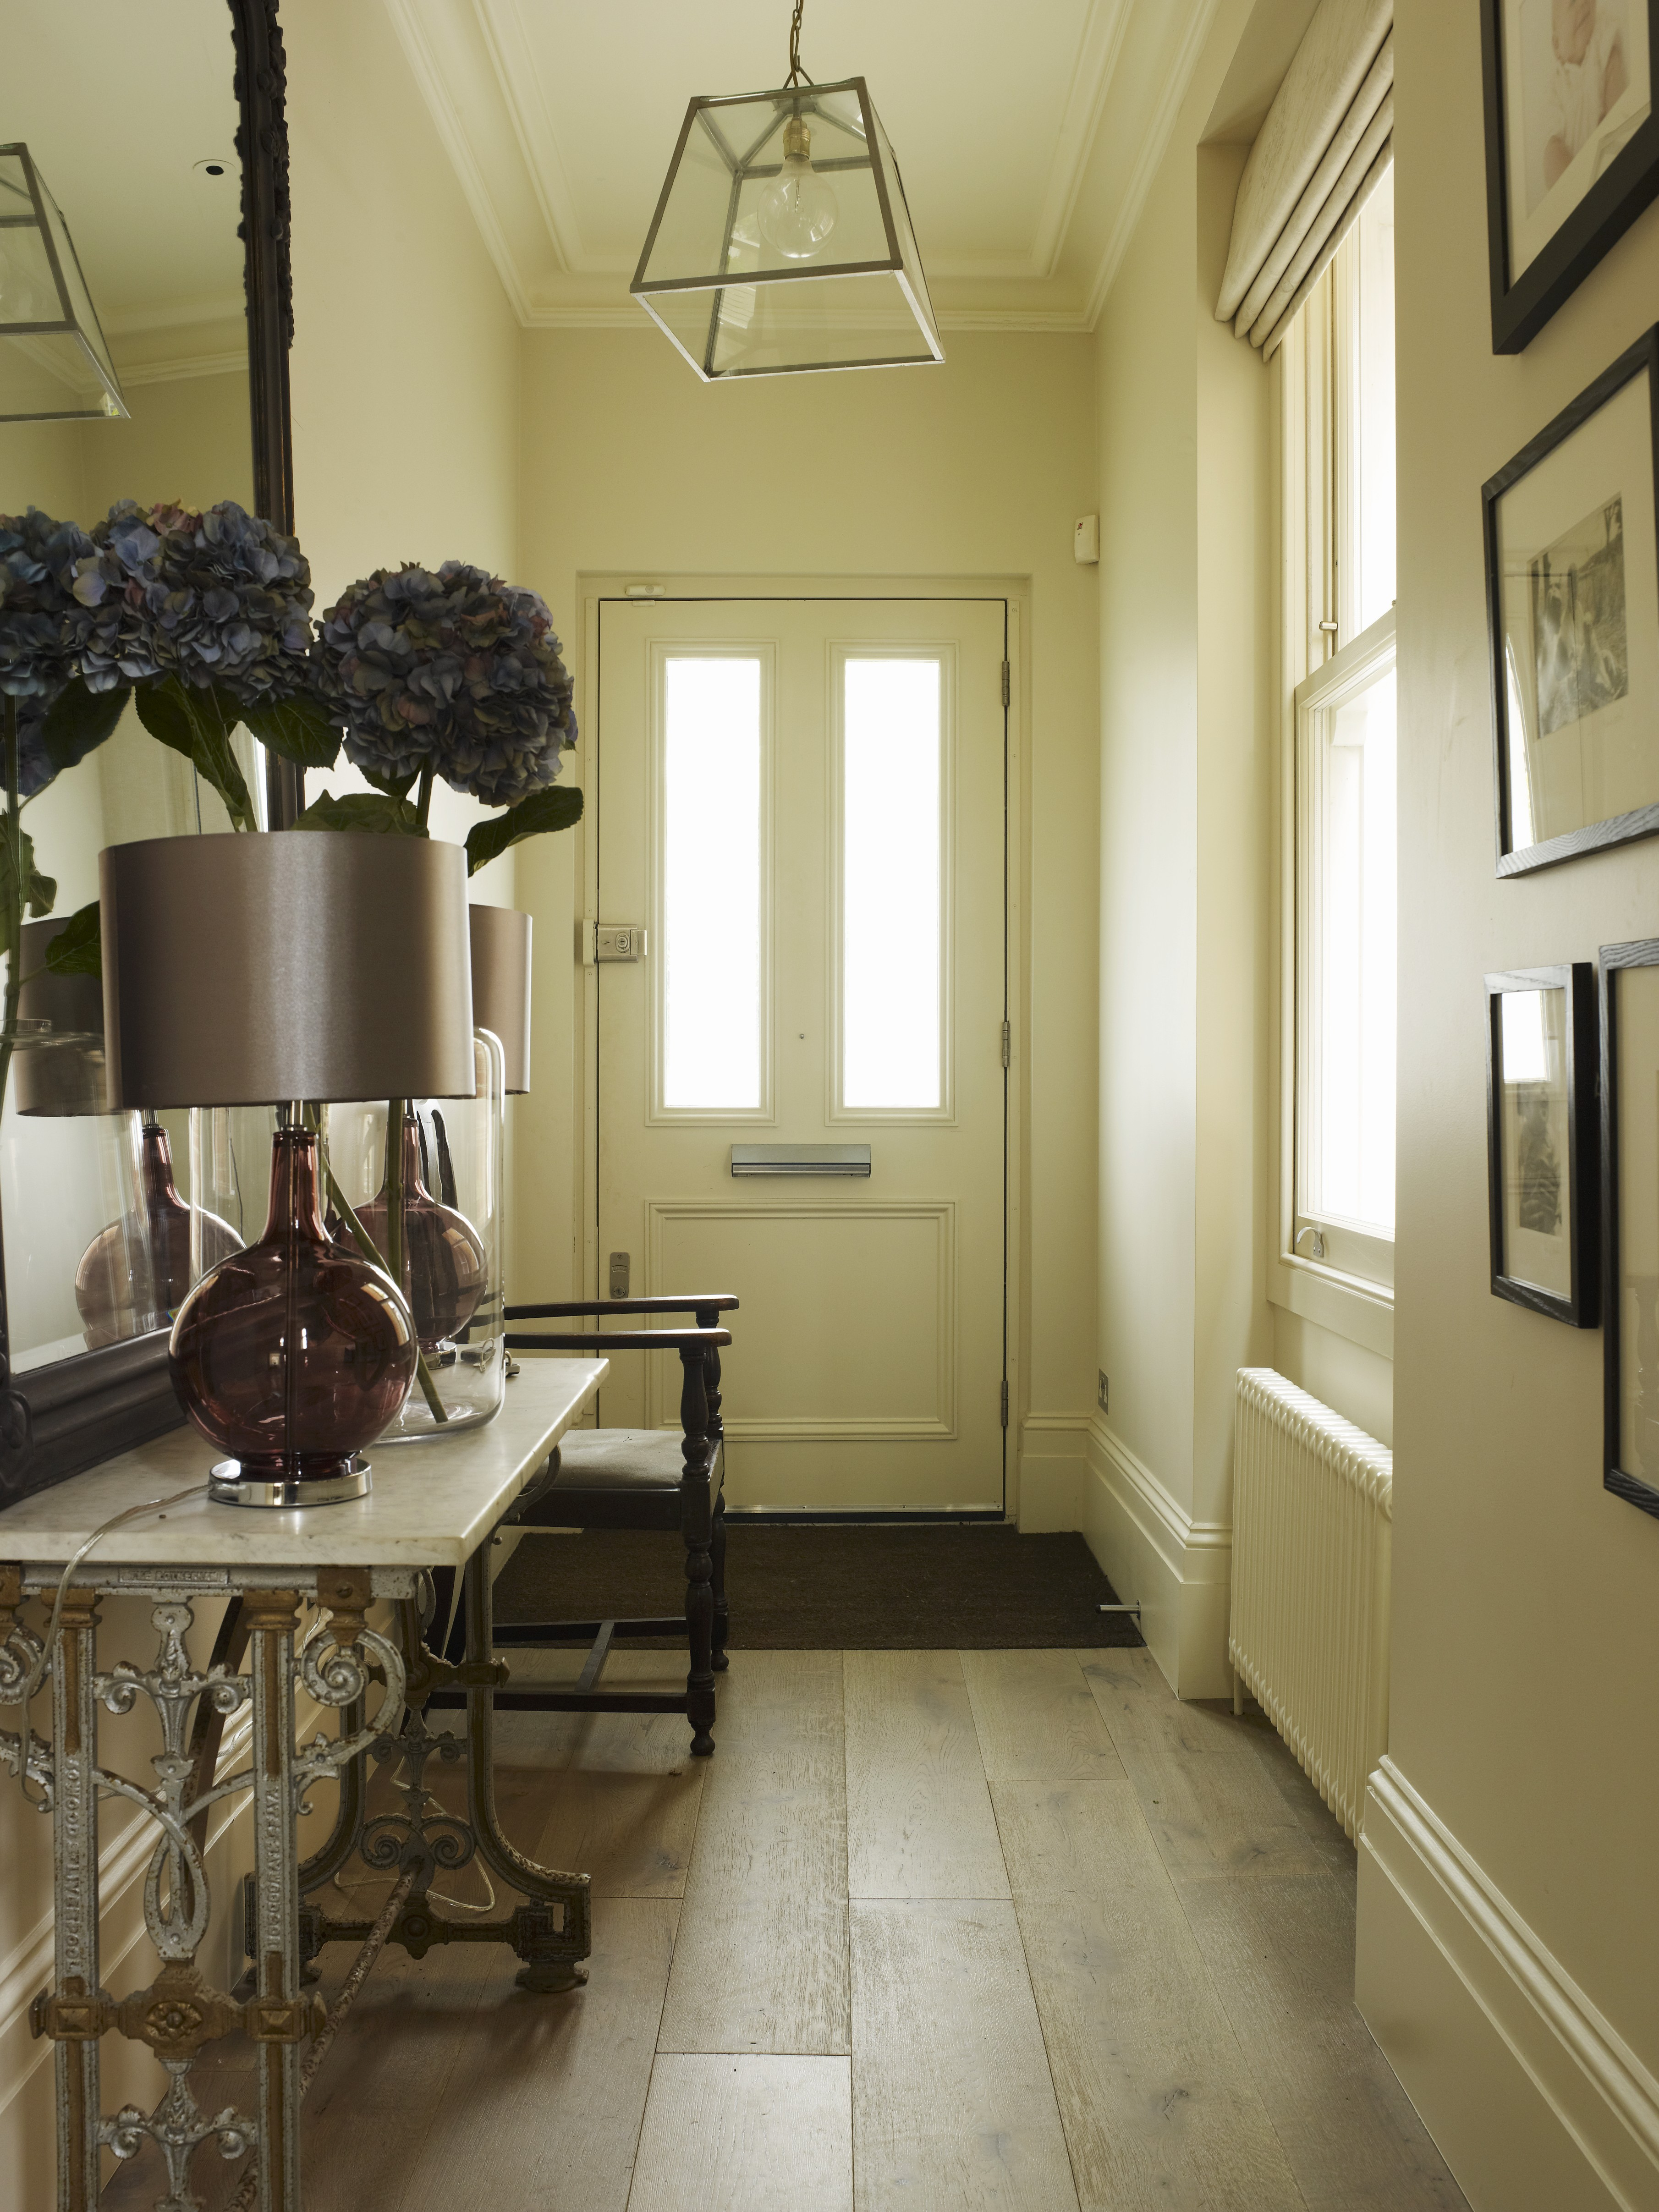 ratgeber wohnen wie der flur einladend gestaltet wird. Black Bedroom Furniture Sets. Home Design Ideas